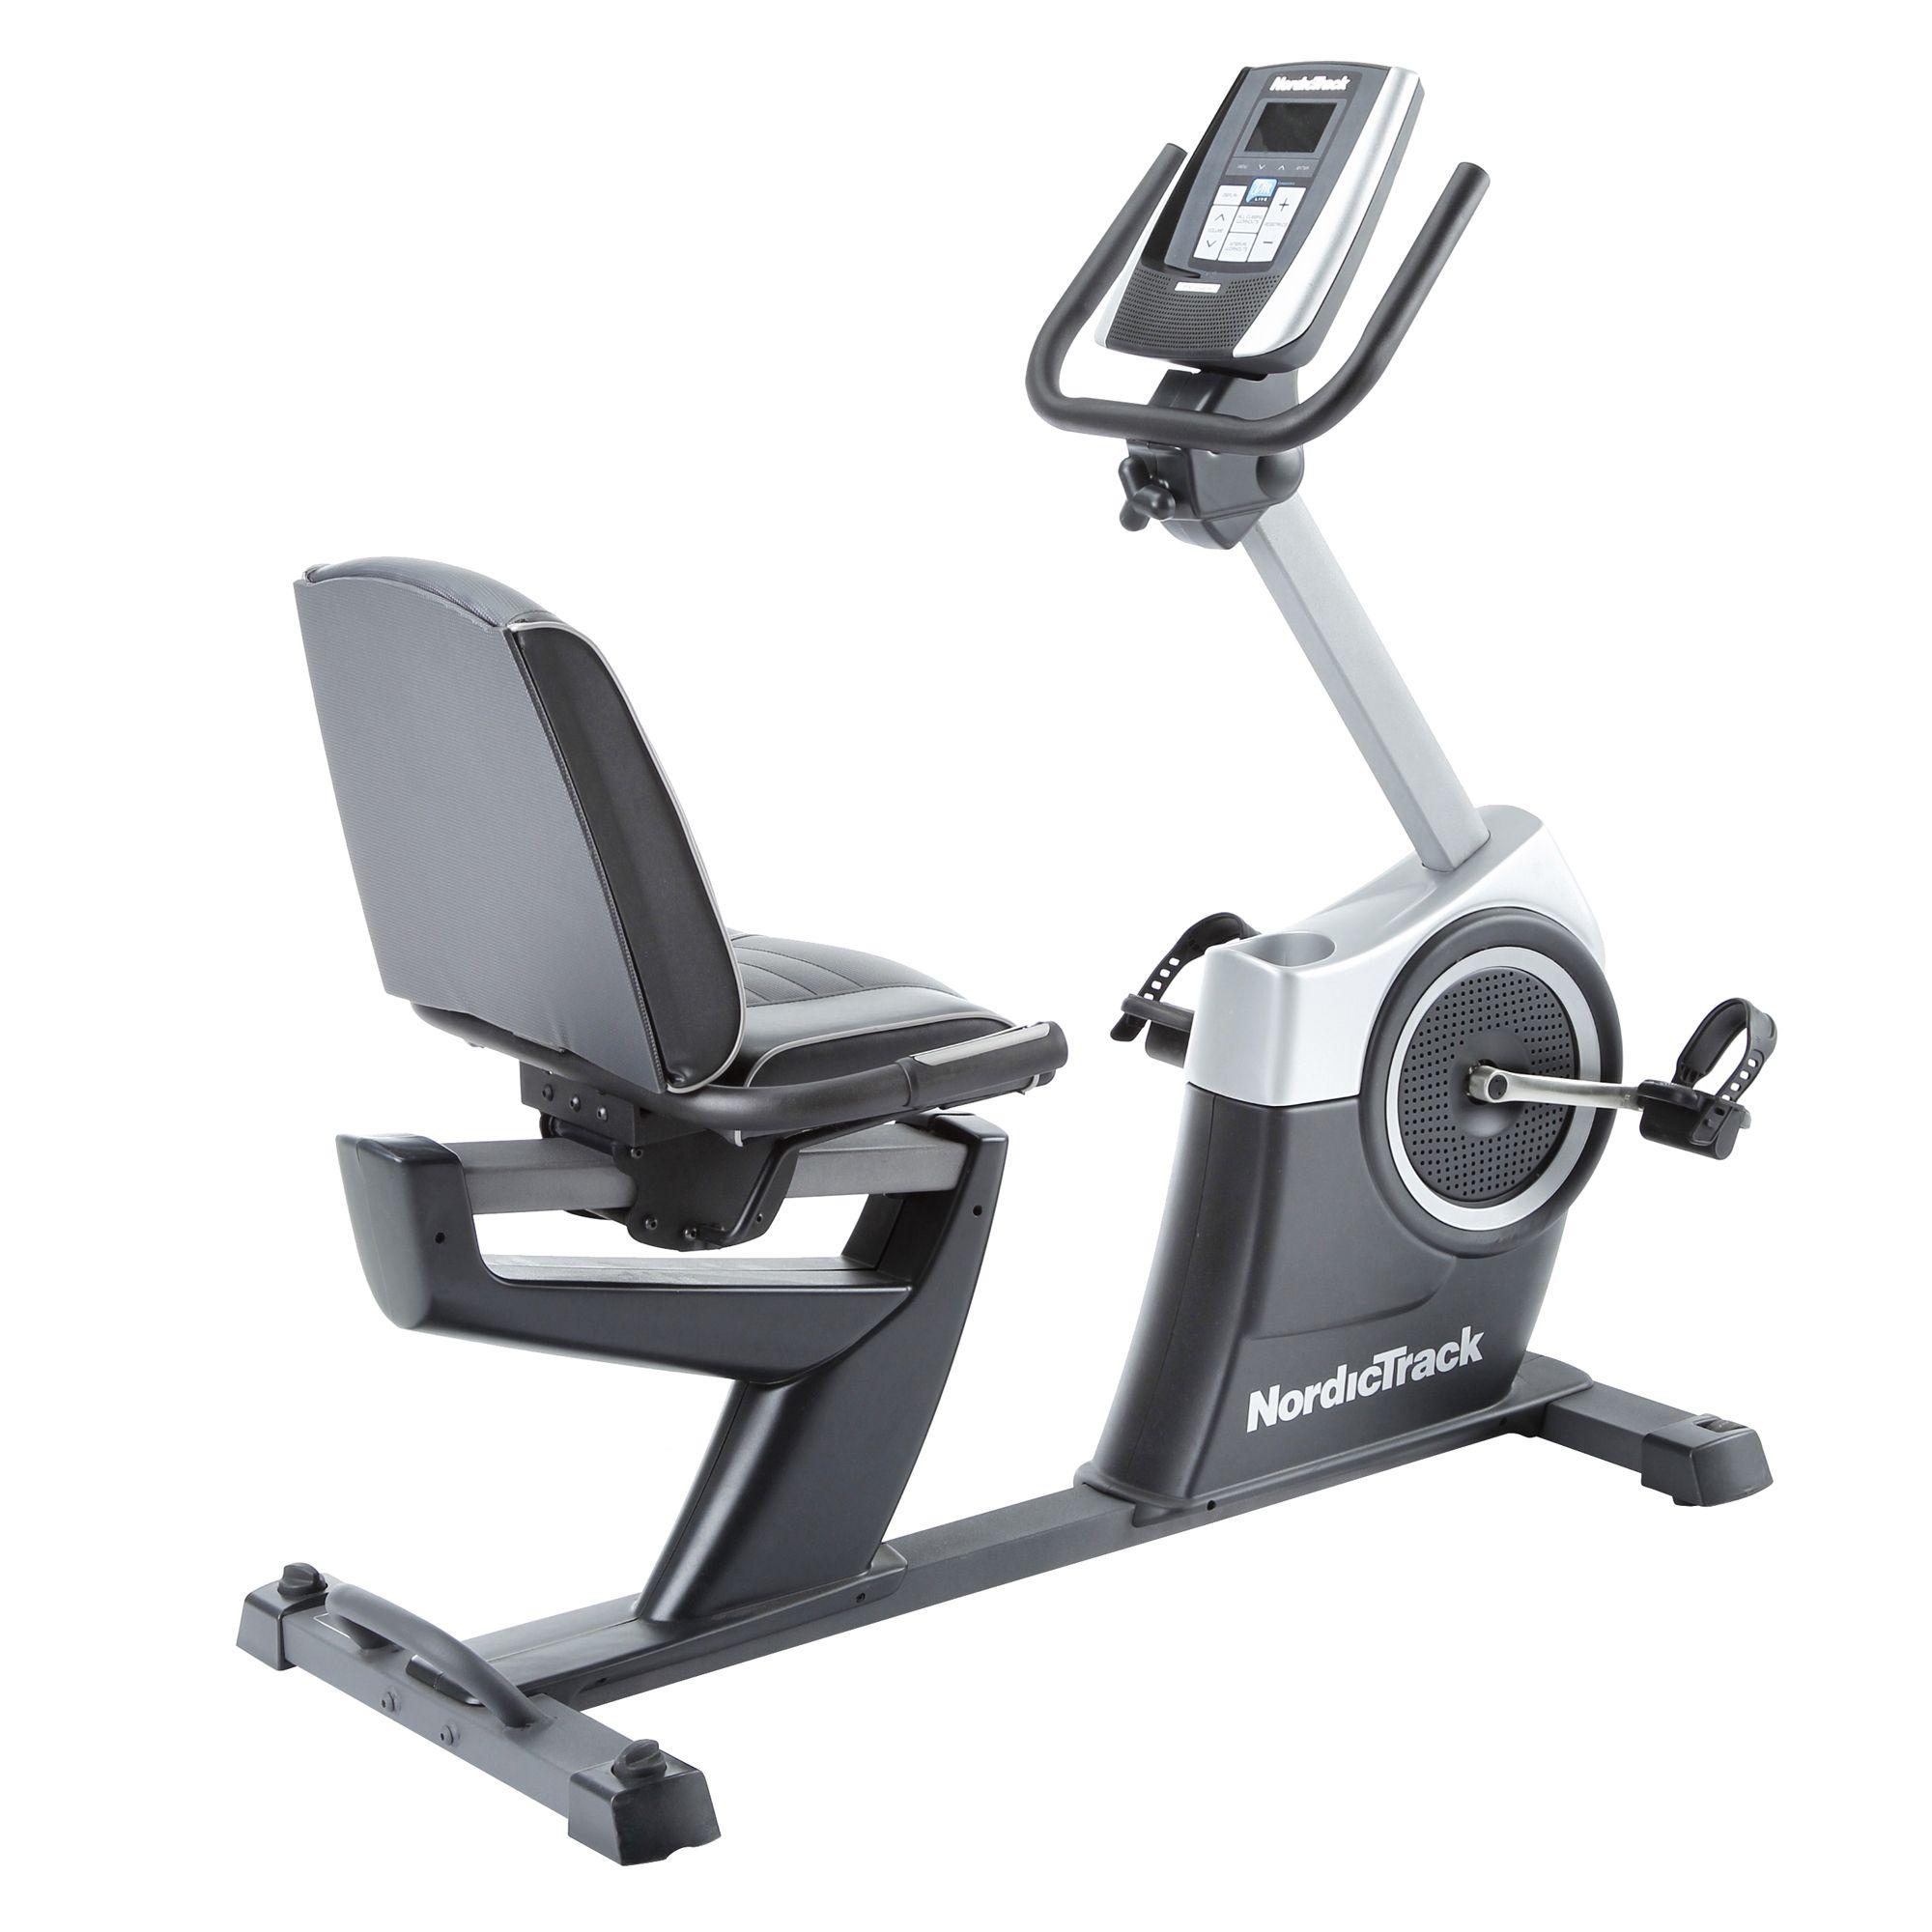 NordicTrack  00621973000  GX40 Recumbent Exercise